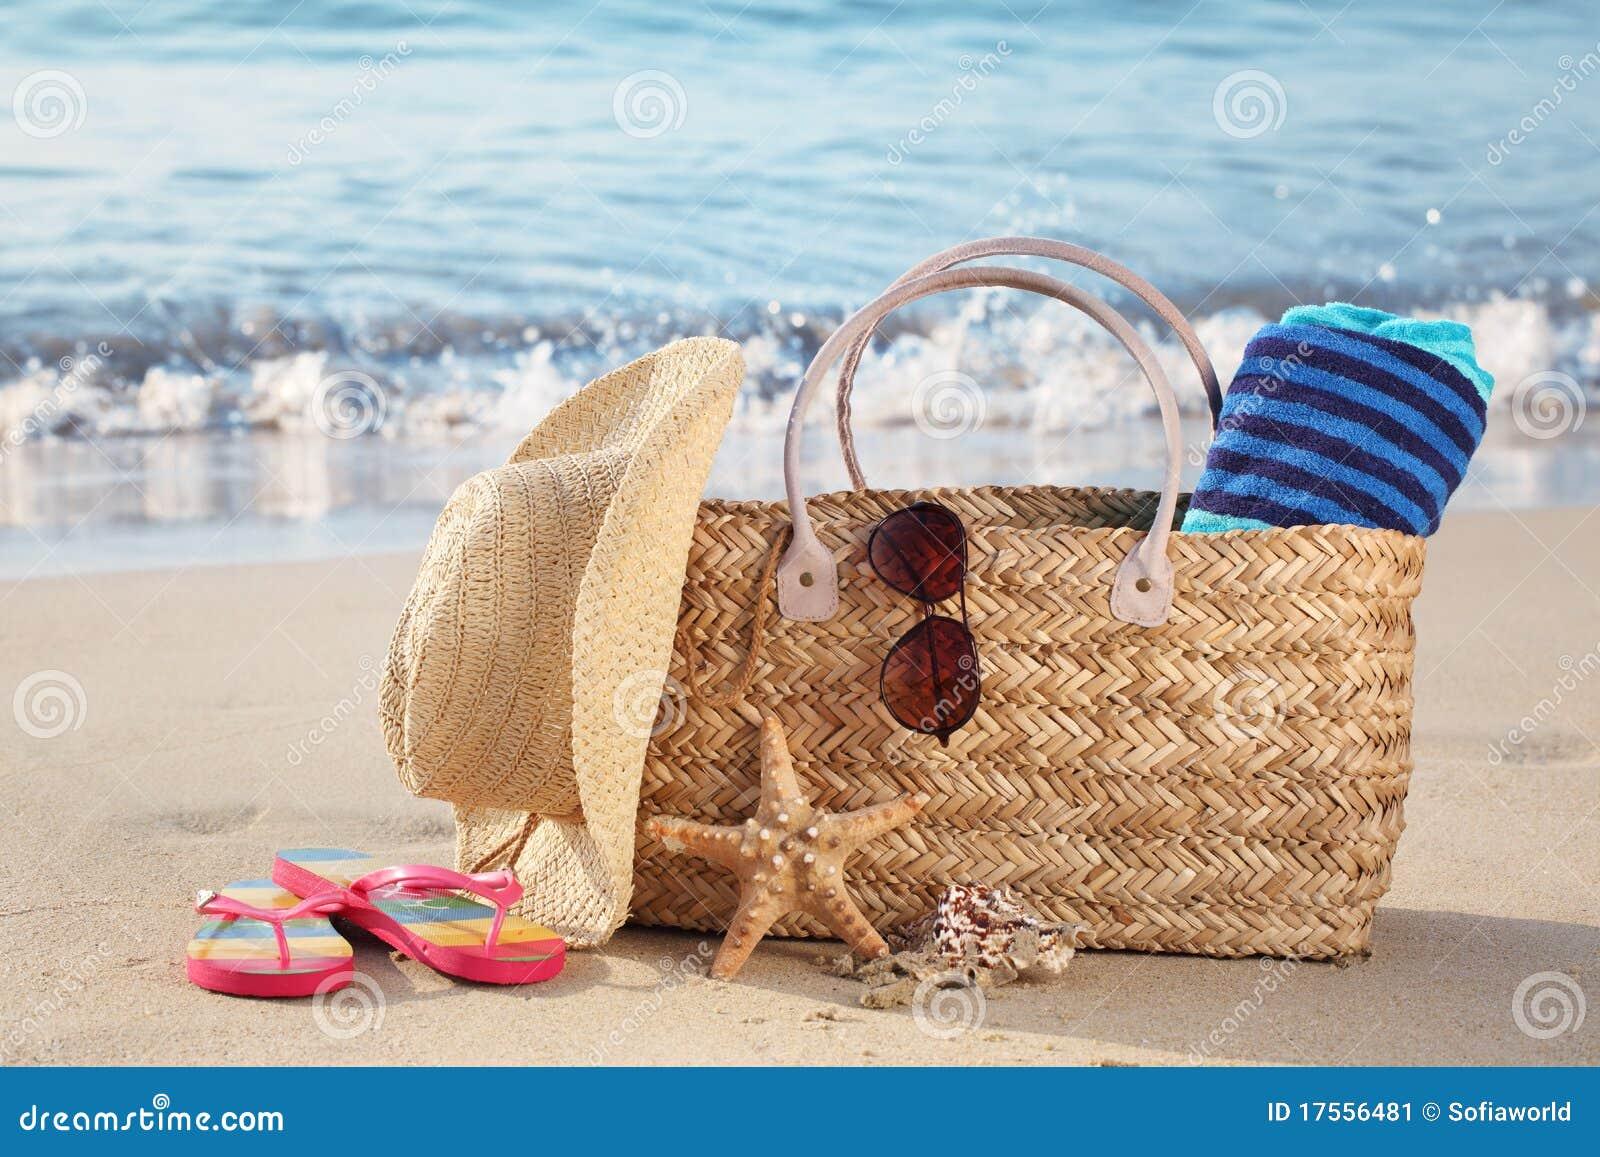 Sacchetto della spiaggia di estate sulla spiaggia sabbiosa